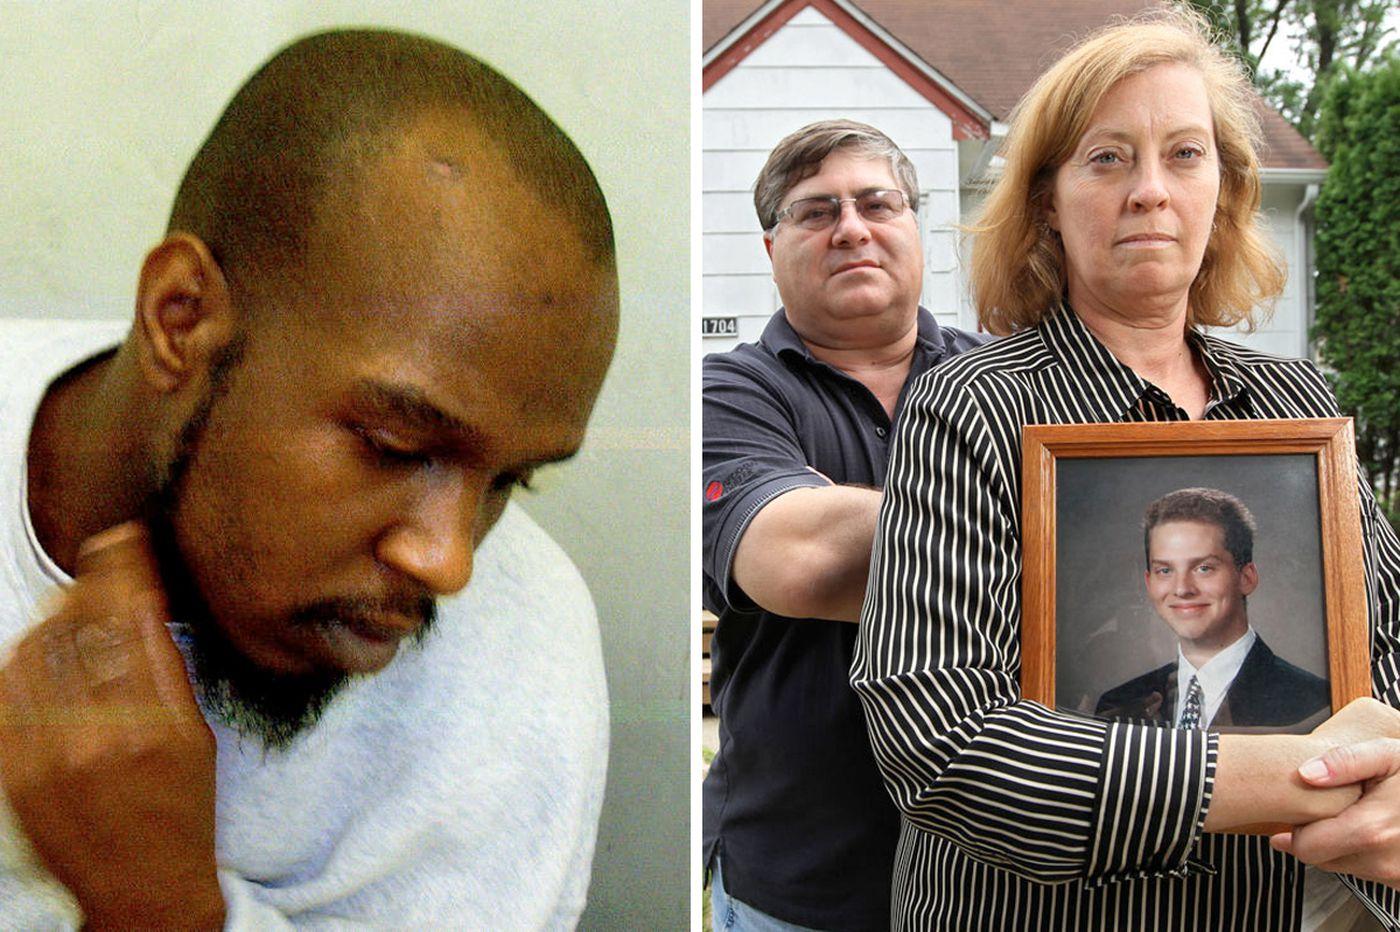 Jones is acquitted in Beau Zabel's killing